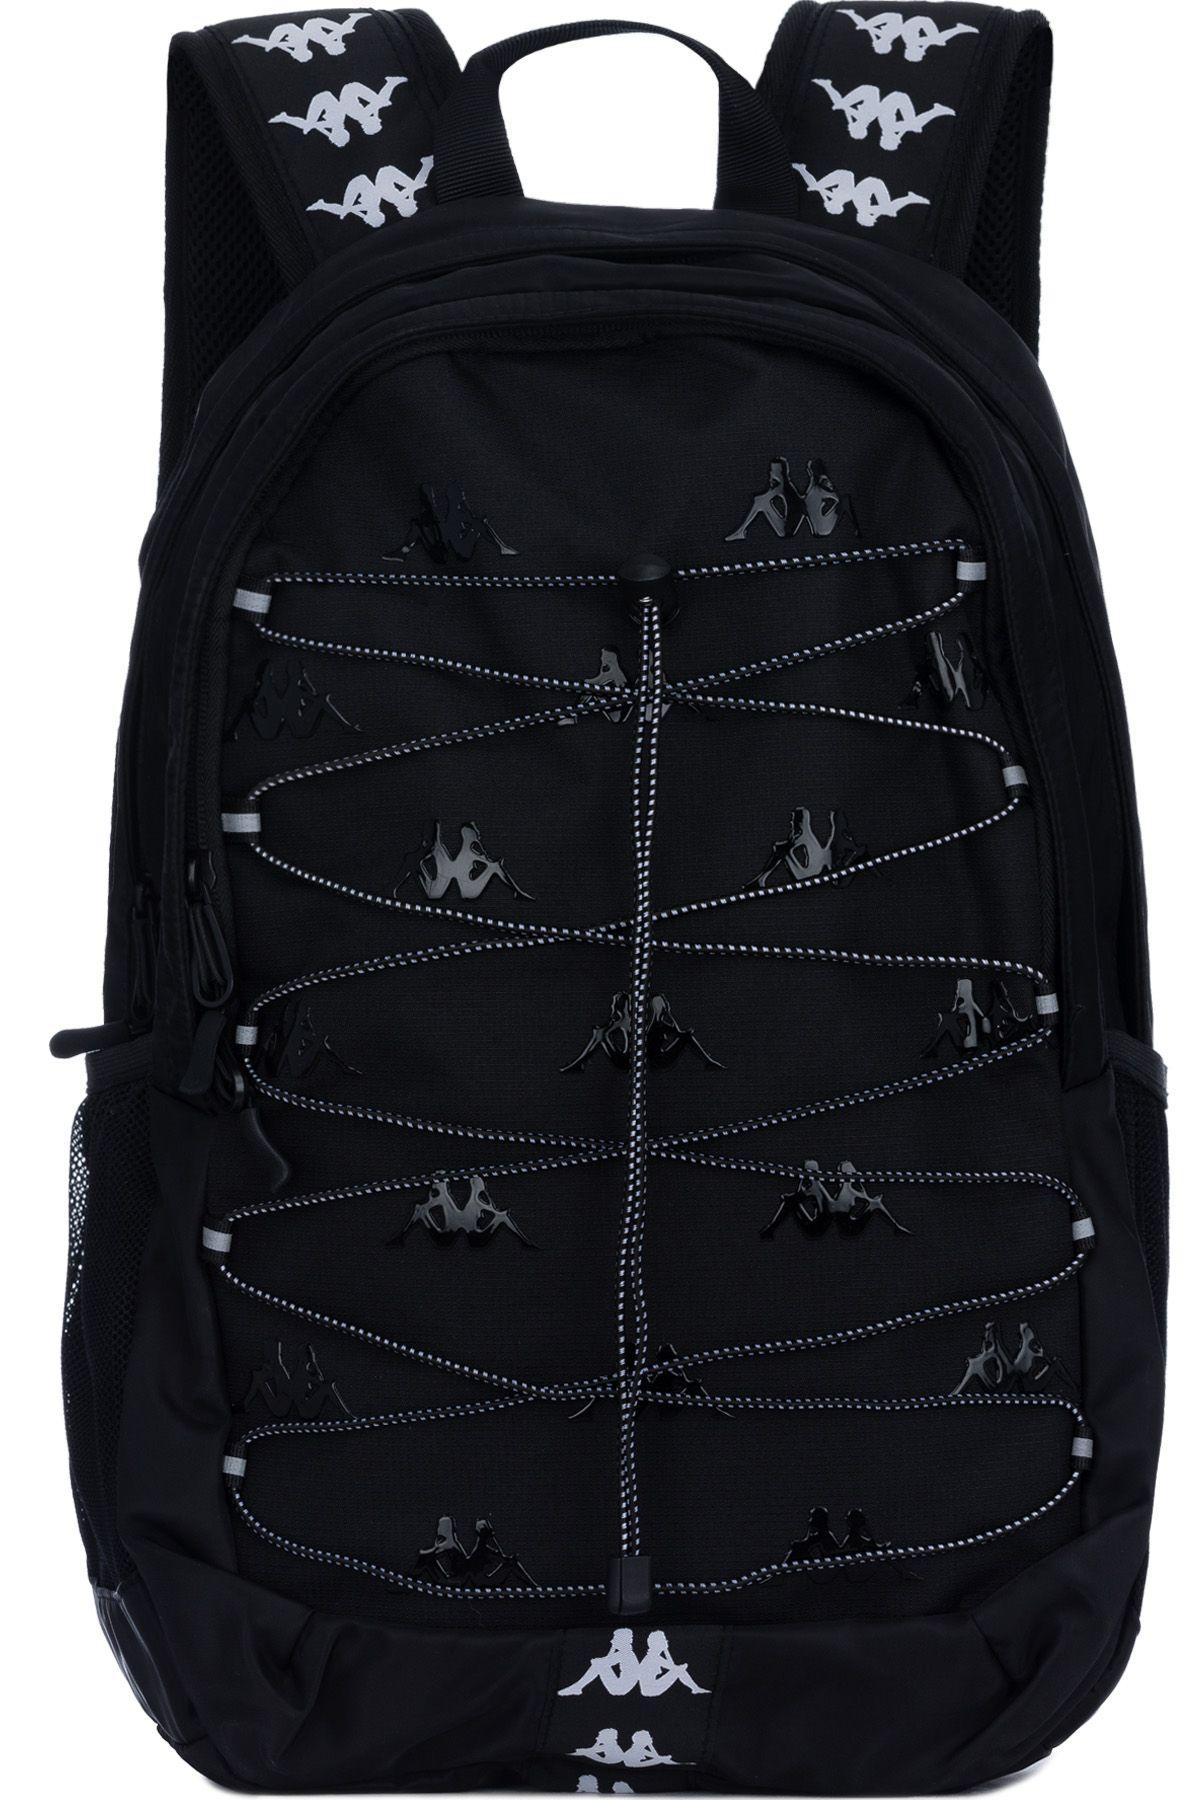 nonostante Arti letterarie Riuscito  Kappa - 222 Banda Astar Backpack - Black | Black backpack, Backpacks,  Backpack bags